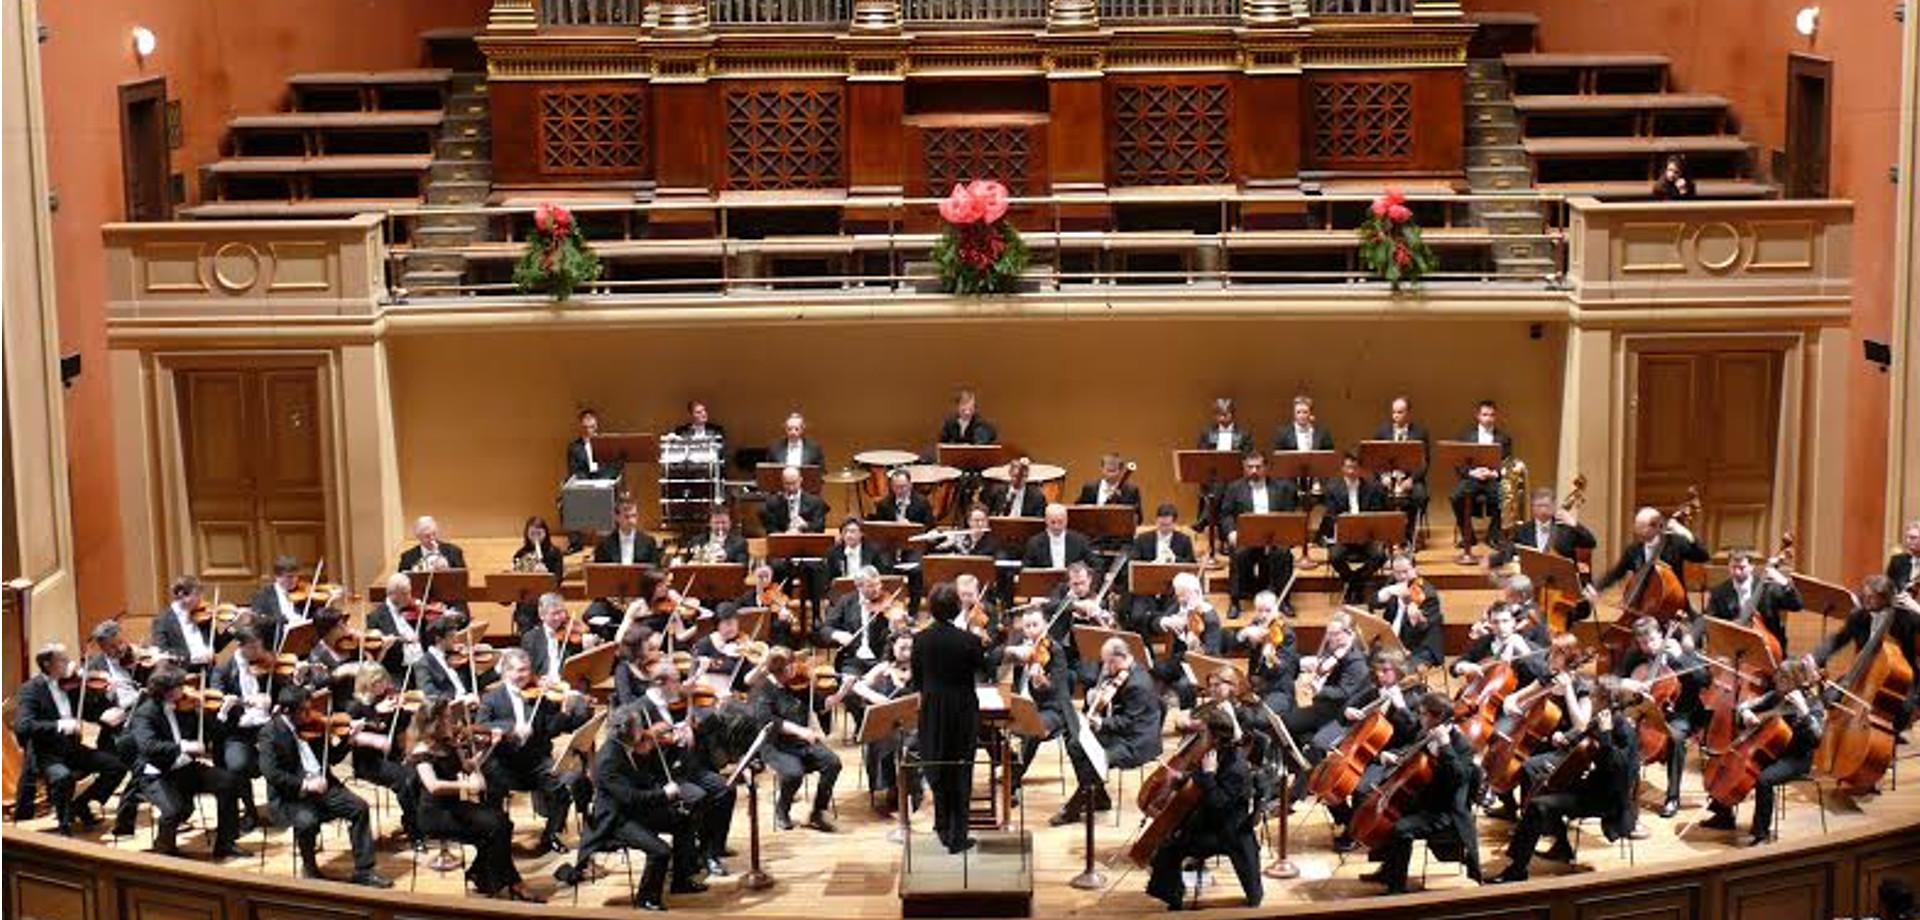 Η Φιλαρμονική Ορχήστρα της Πράγας στο Παλλάς